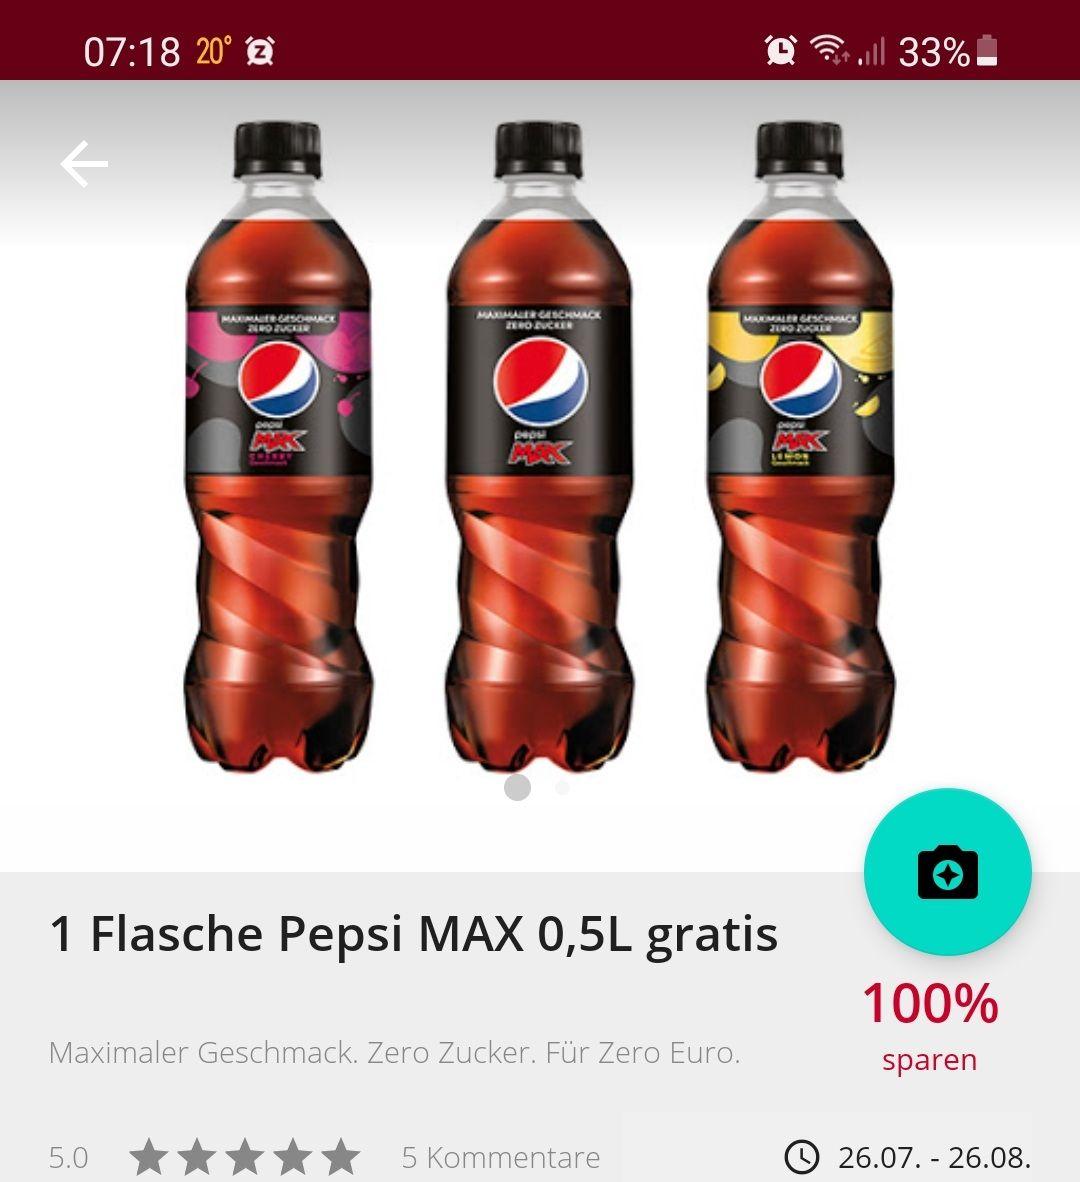 Scondoo: 100 % Cashback auf Pepsi Max 0.5l